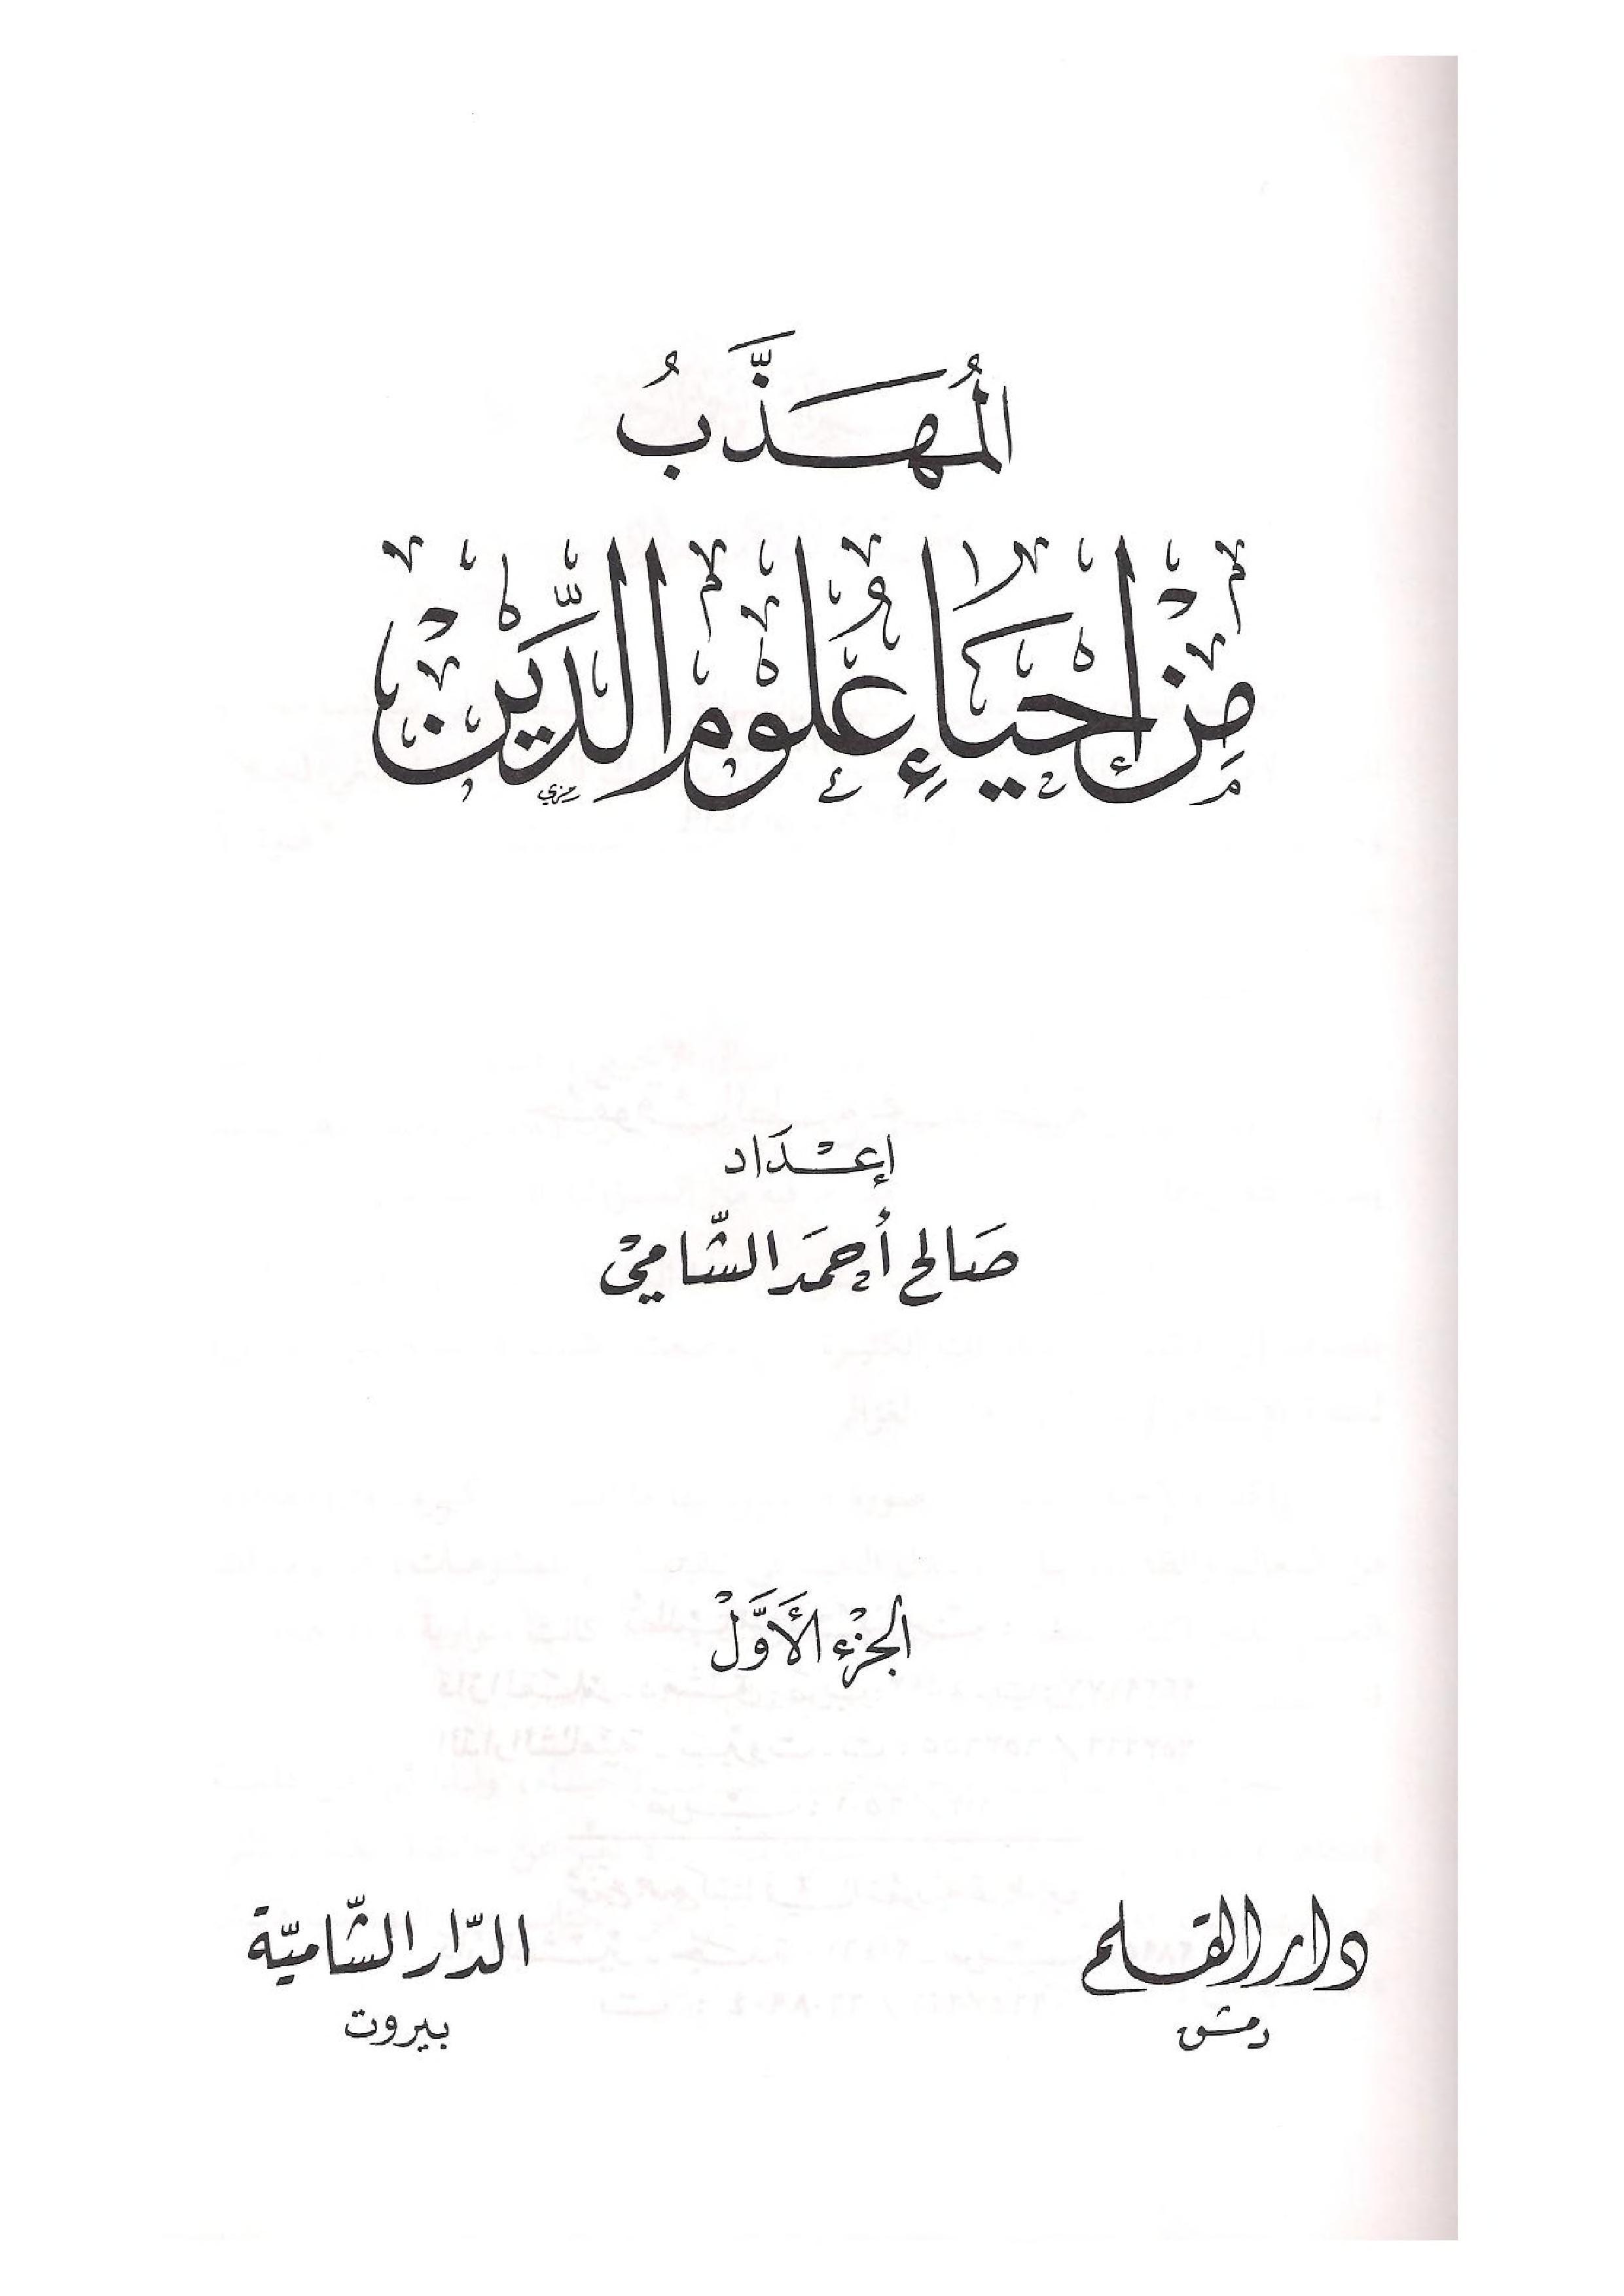 تحميل كتاب احياء علوم الدين للغزالي